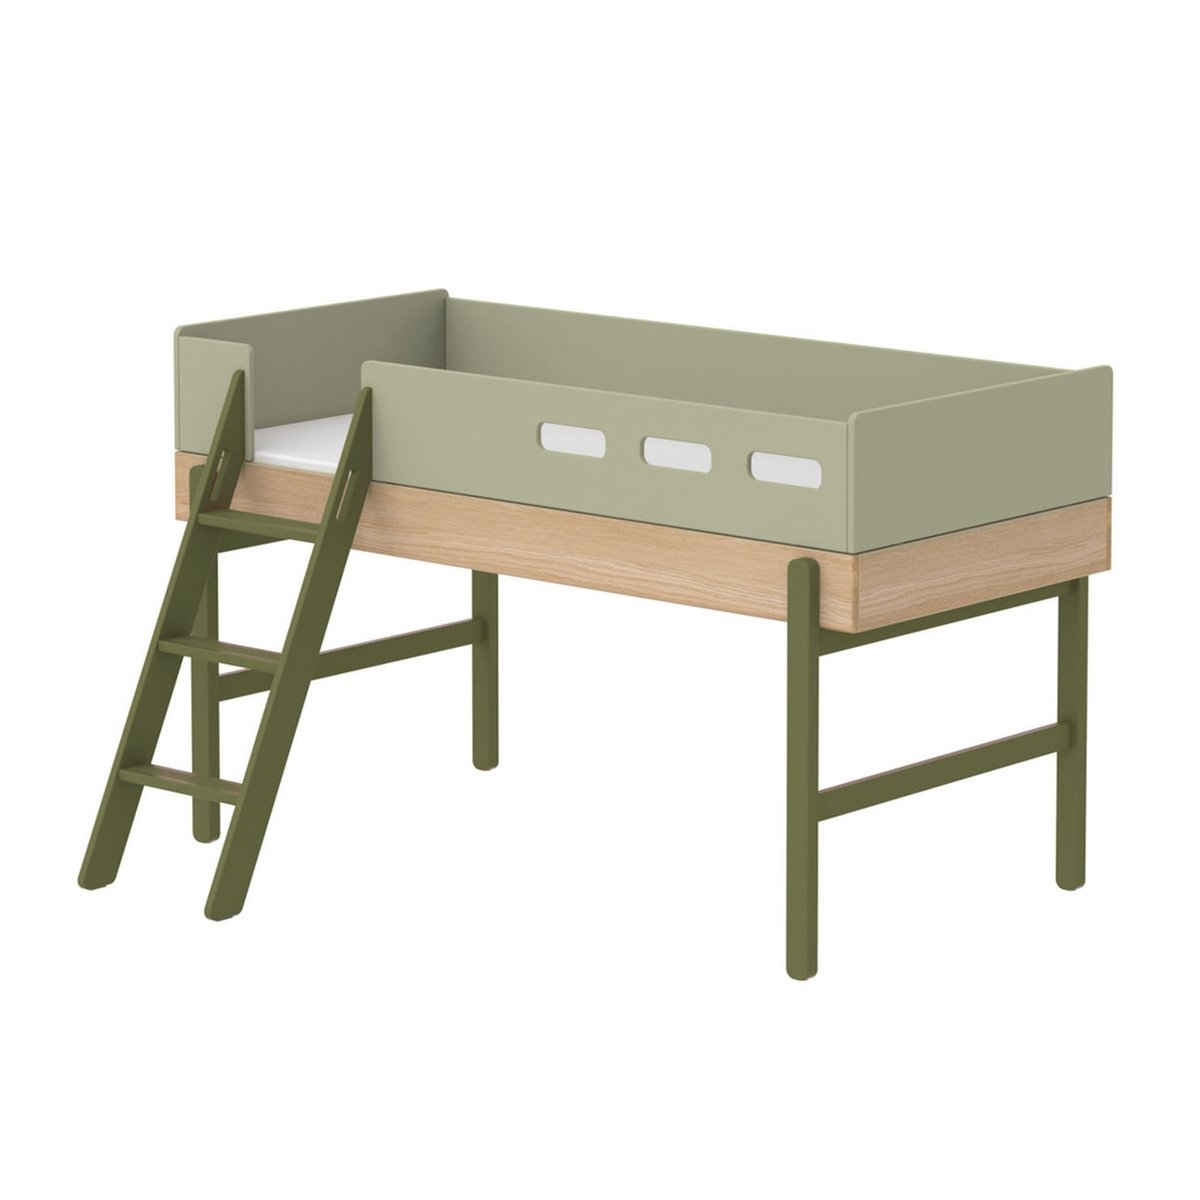 """Flexa Mittelhohes Bett """"Popsicle"""" aus Holz (90×200 cm) mit gerader Leiter, TÜV-geprüft (ab 4 Jahre) in rosa Kinderbetten"""